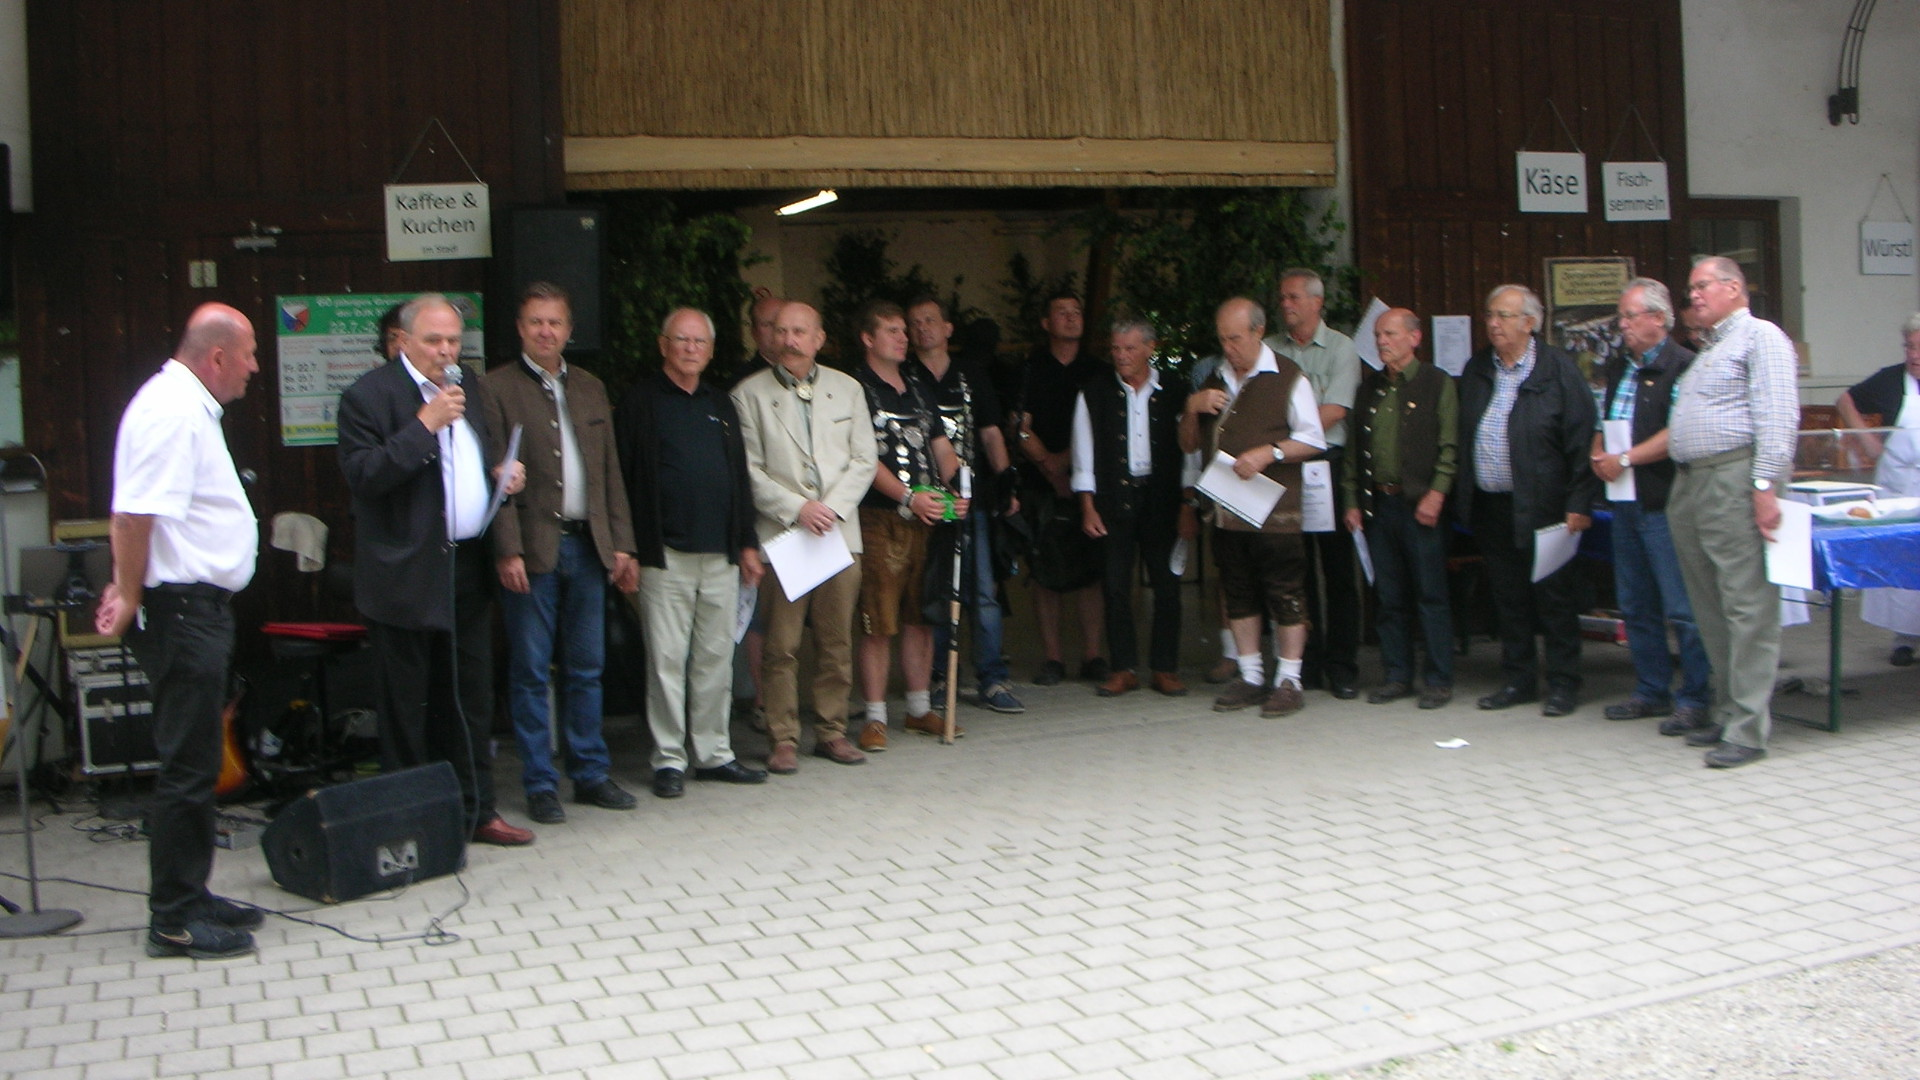 2. Vorsitzender Hans Lindenthaler, FVN-Präsident Dietmar Franzke, Bgm. Helmut Maier, Ehrenvorsitzender Karl Blechinger und alle weiter oben genannten Ehrengäste und Preisträger.